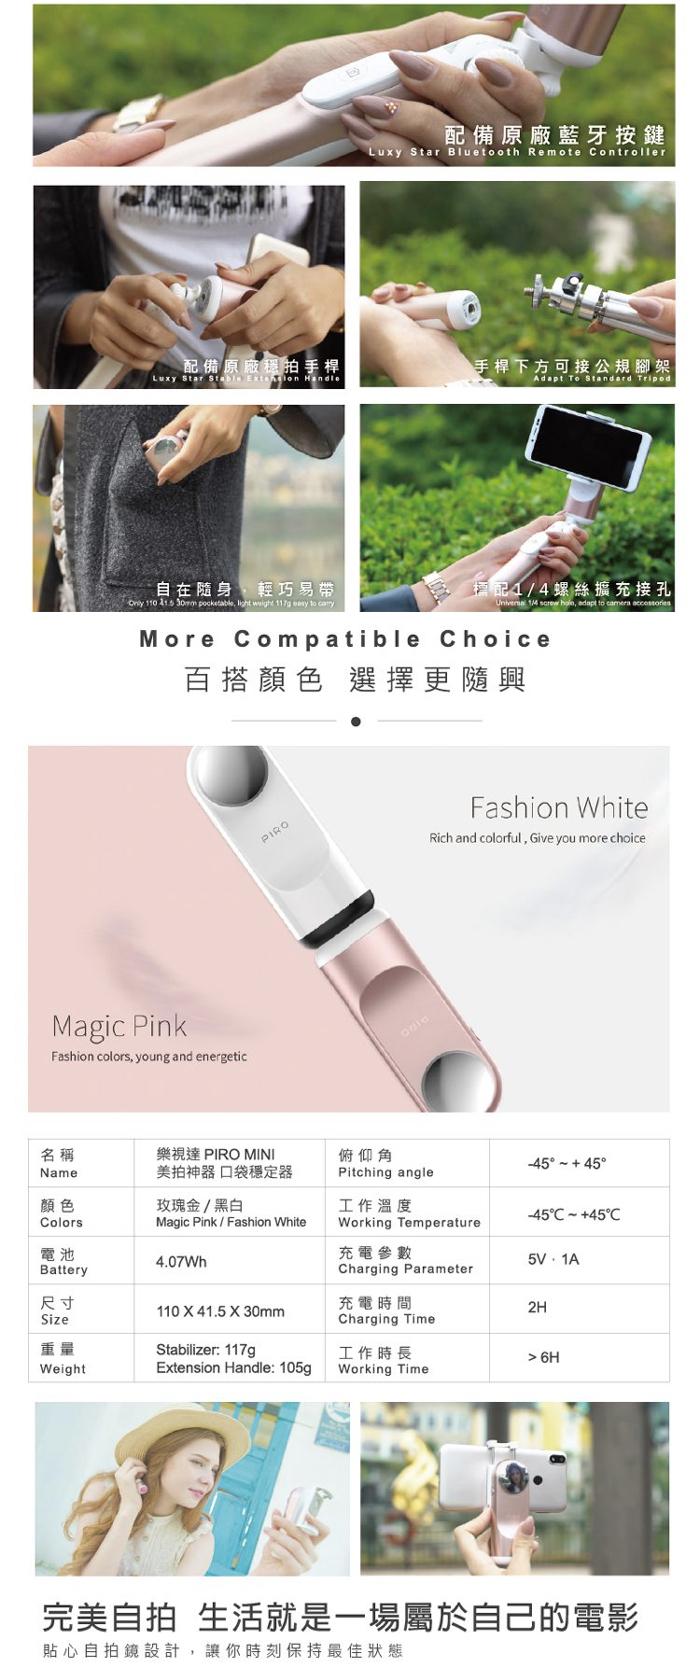 04 Luxy Star 台灣 Piro Mini 超袖珍拍攝穩定器 Searching C hk Hong Kong 香港